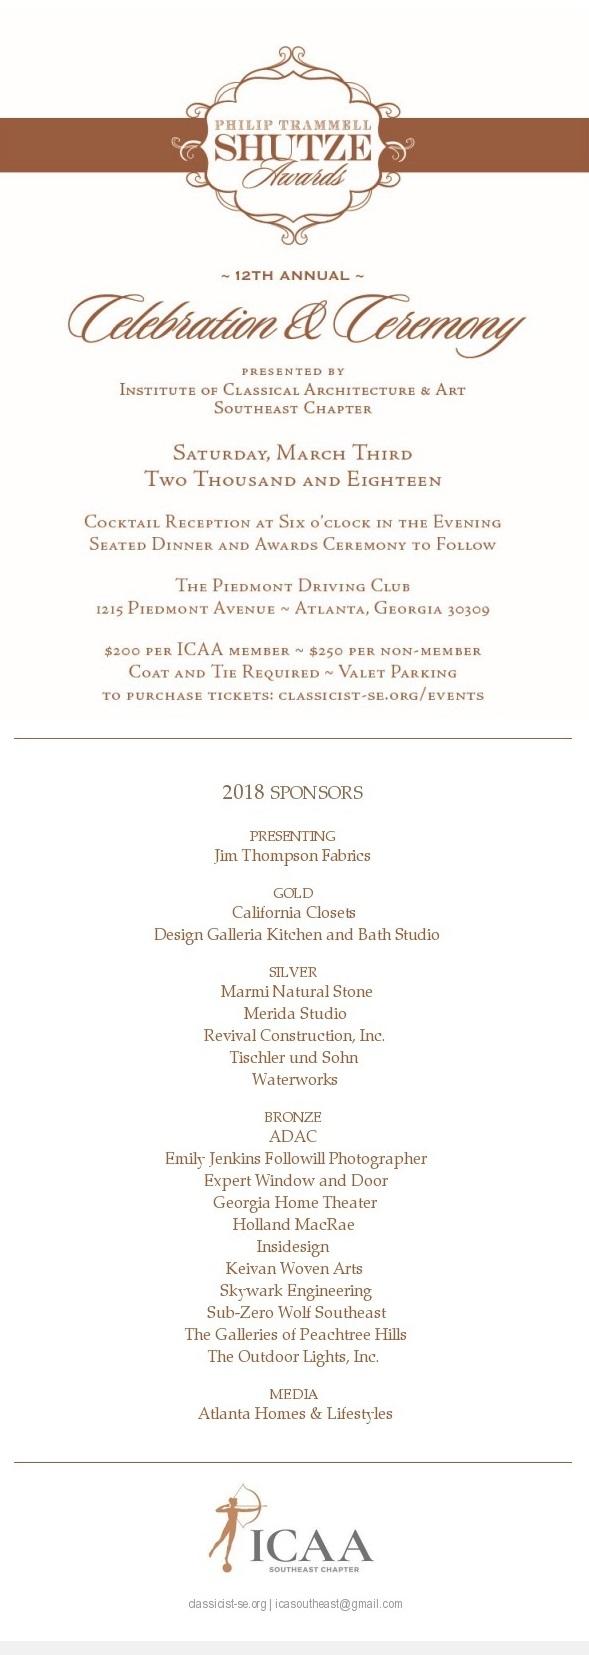 Southeast 12th Annual Shutze Awards Invitation 2